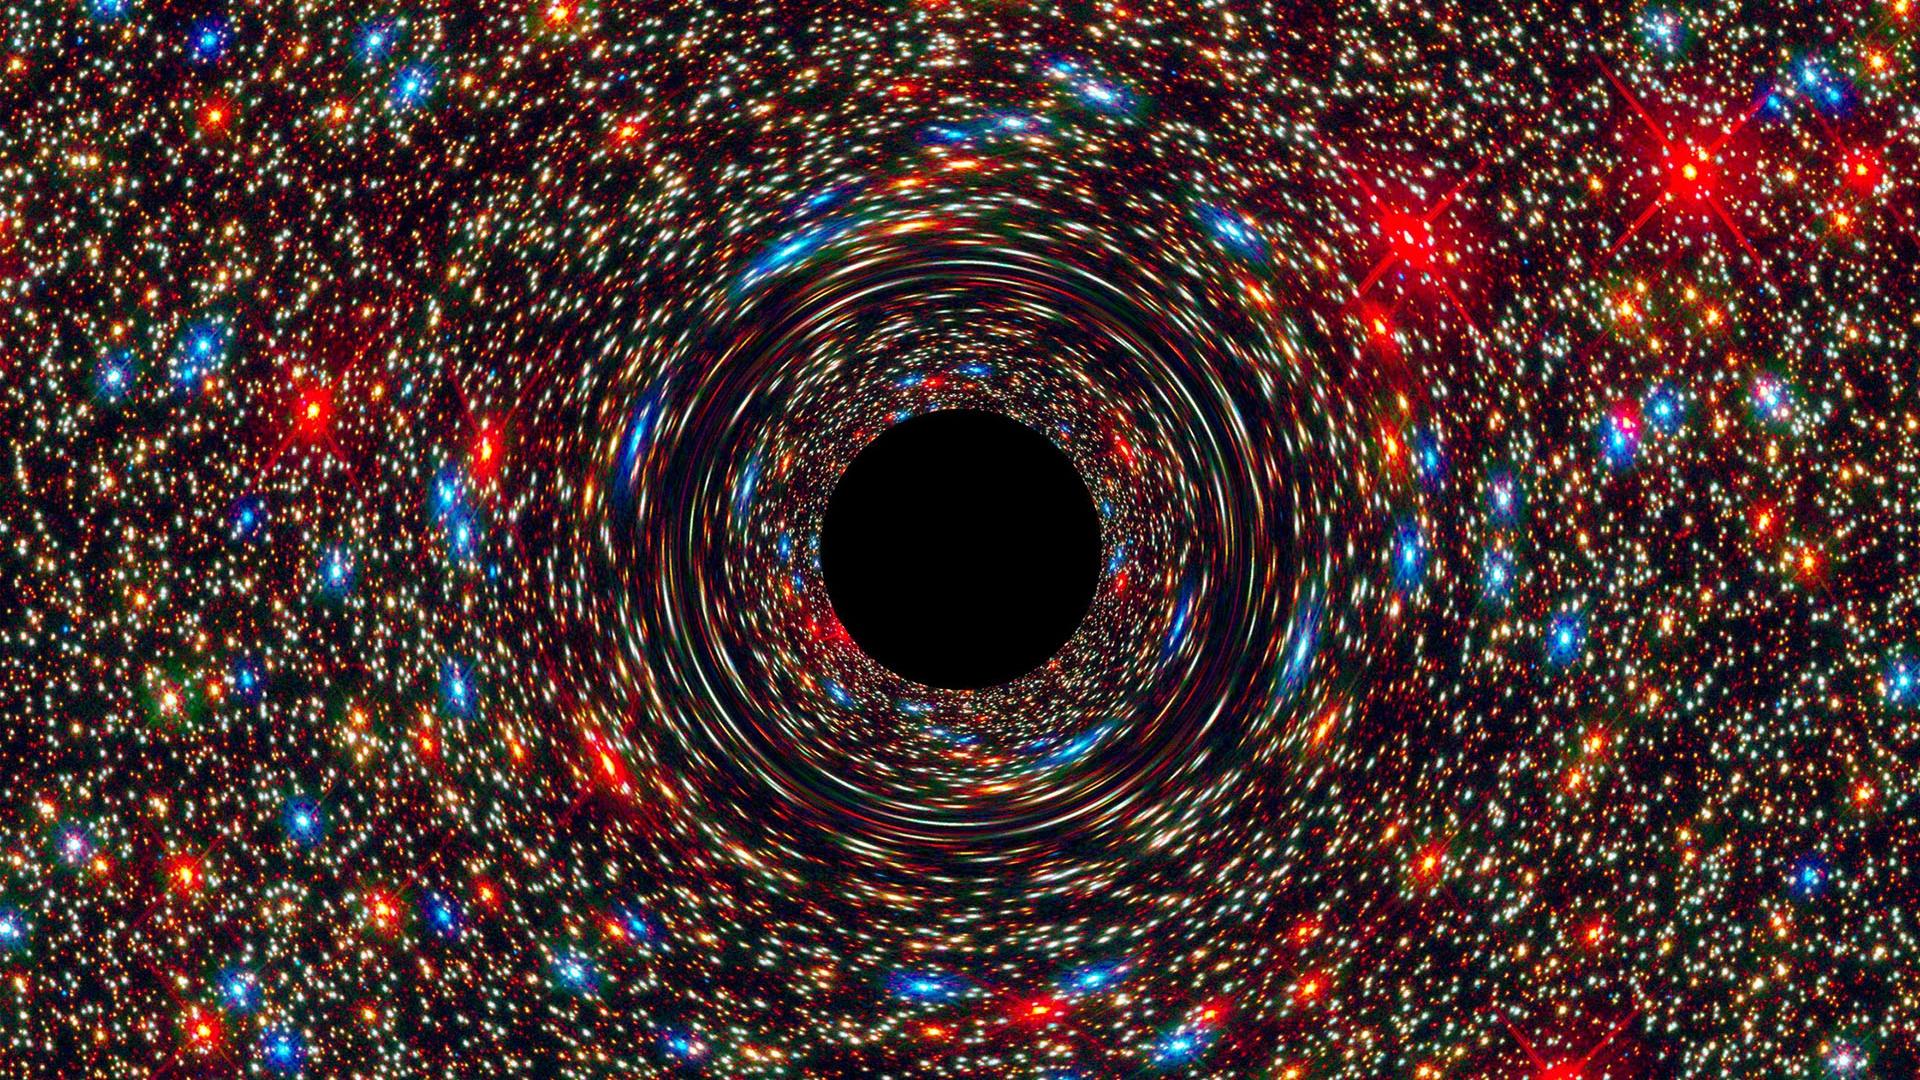 Ютуб порно фото черная дыра 10 фотография